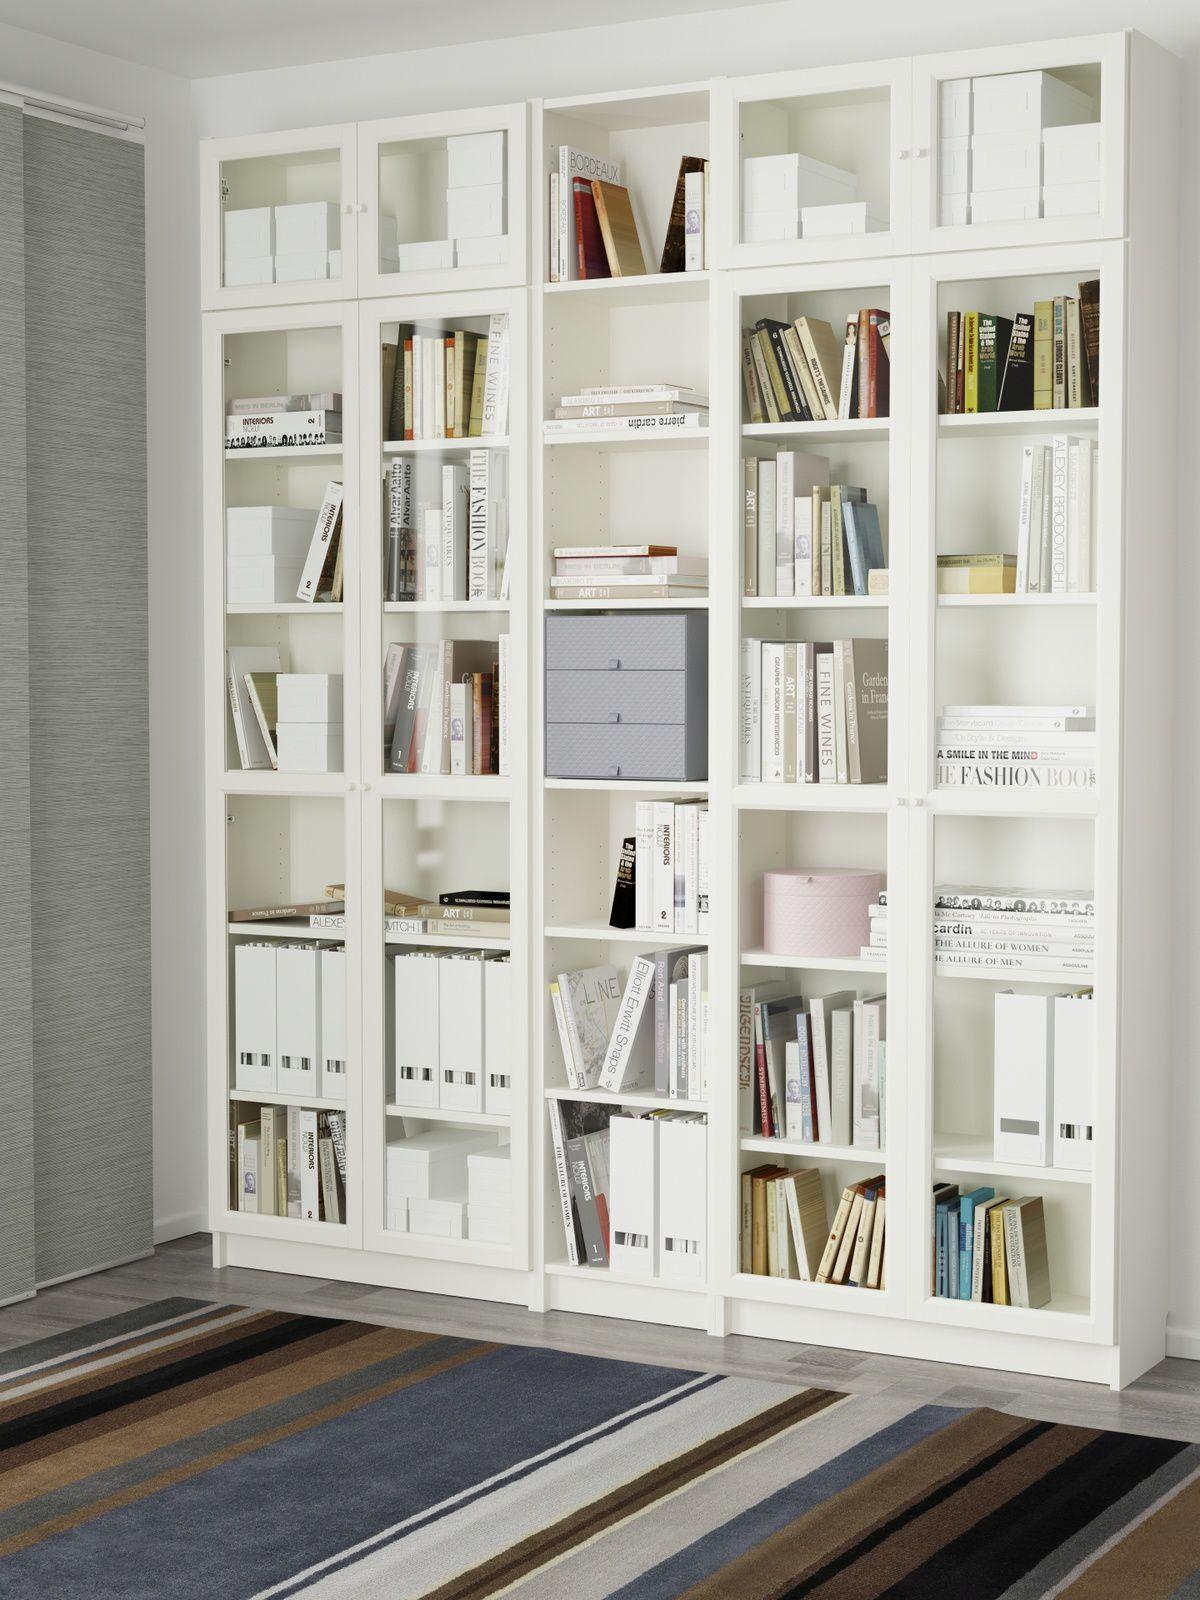 Album - 7 - Billy, la célèbre bibliothèque d'Ikea, découvrez les plus belles photos...